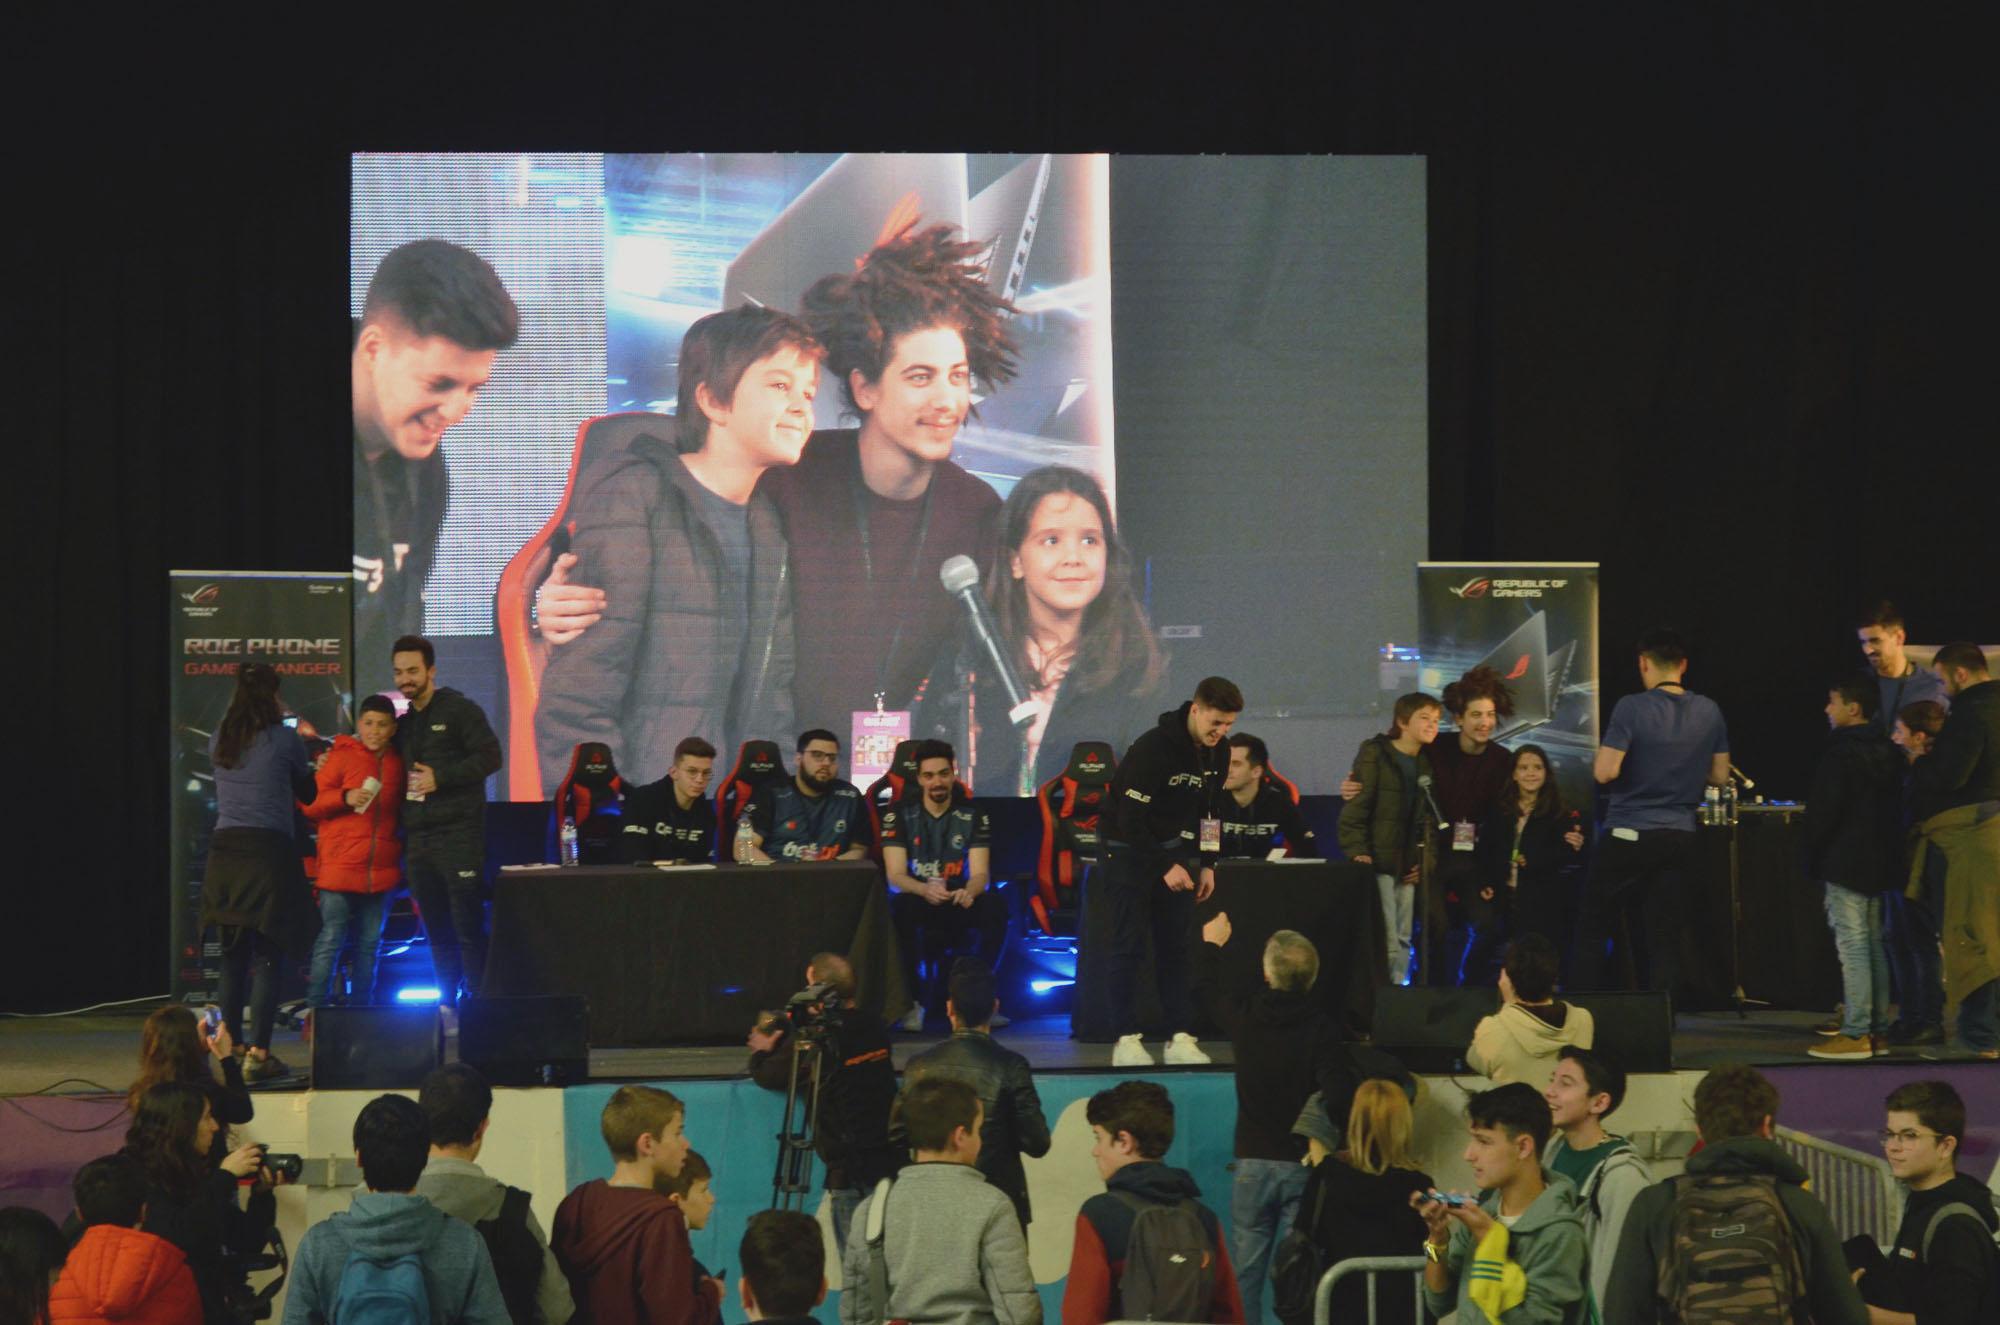 O encontro serviu como oportunidade para muitos prémios, conversas, dicas, autógrafos e fotos entre os gamers e os seus fãs.